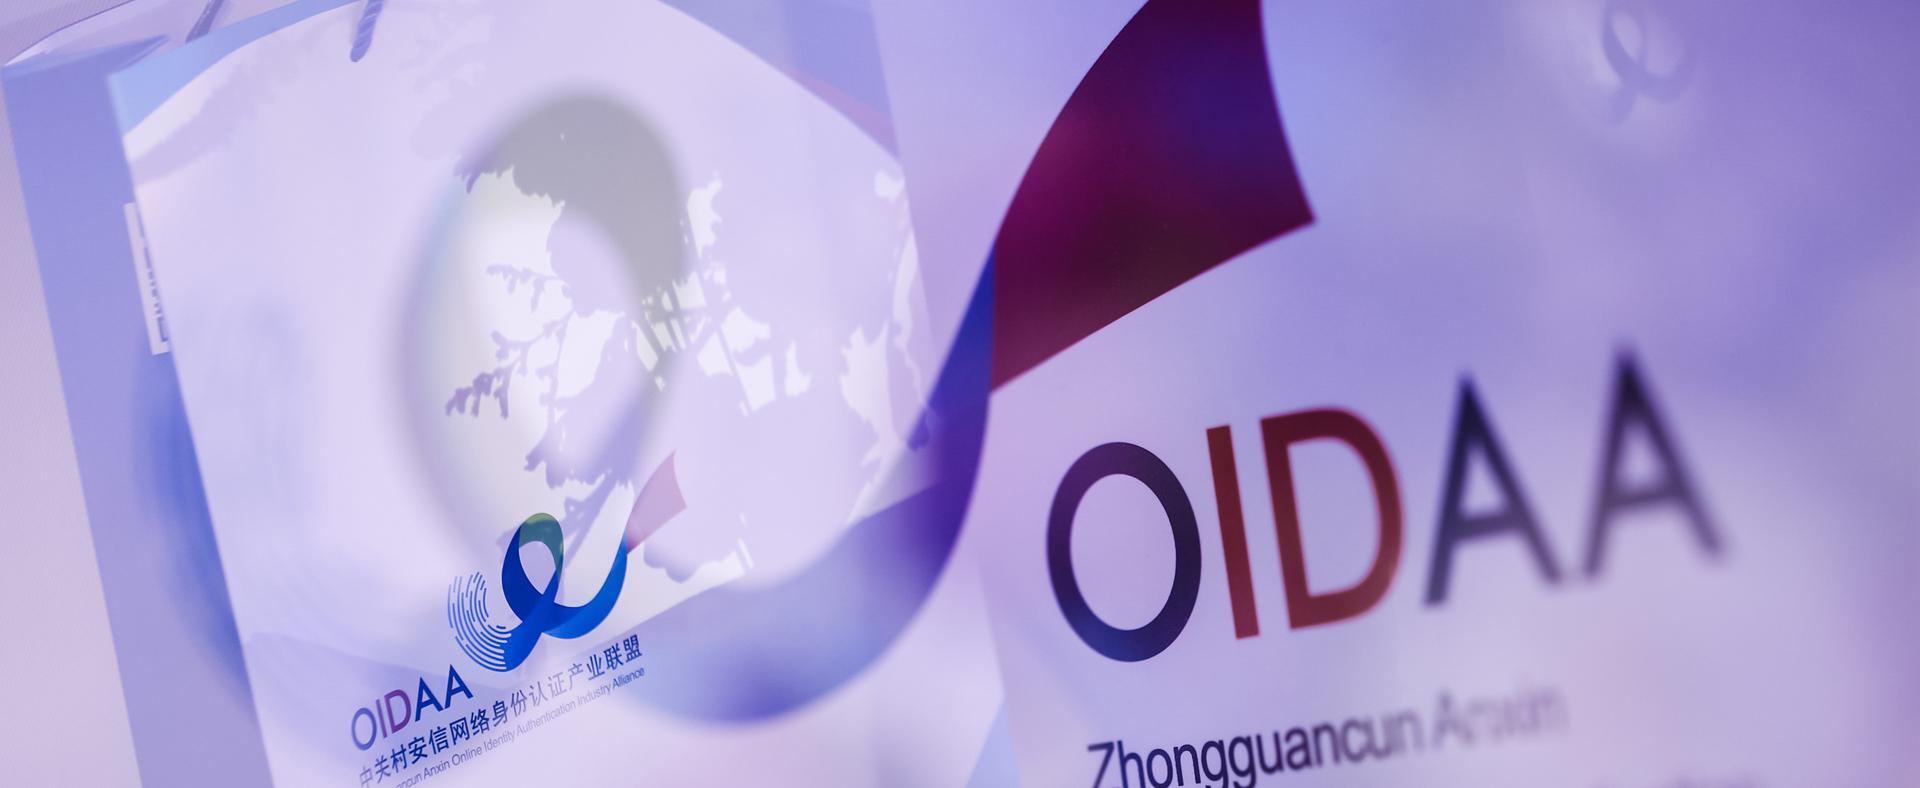 成为推动国内网络身份认证技术与产业发展的领航组织